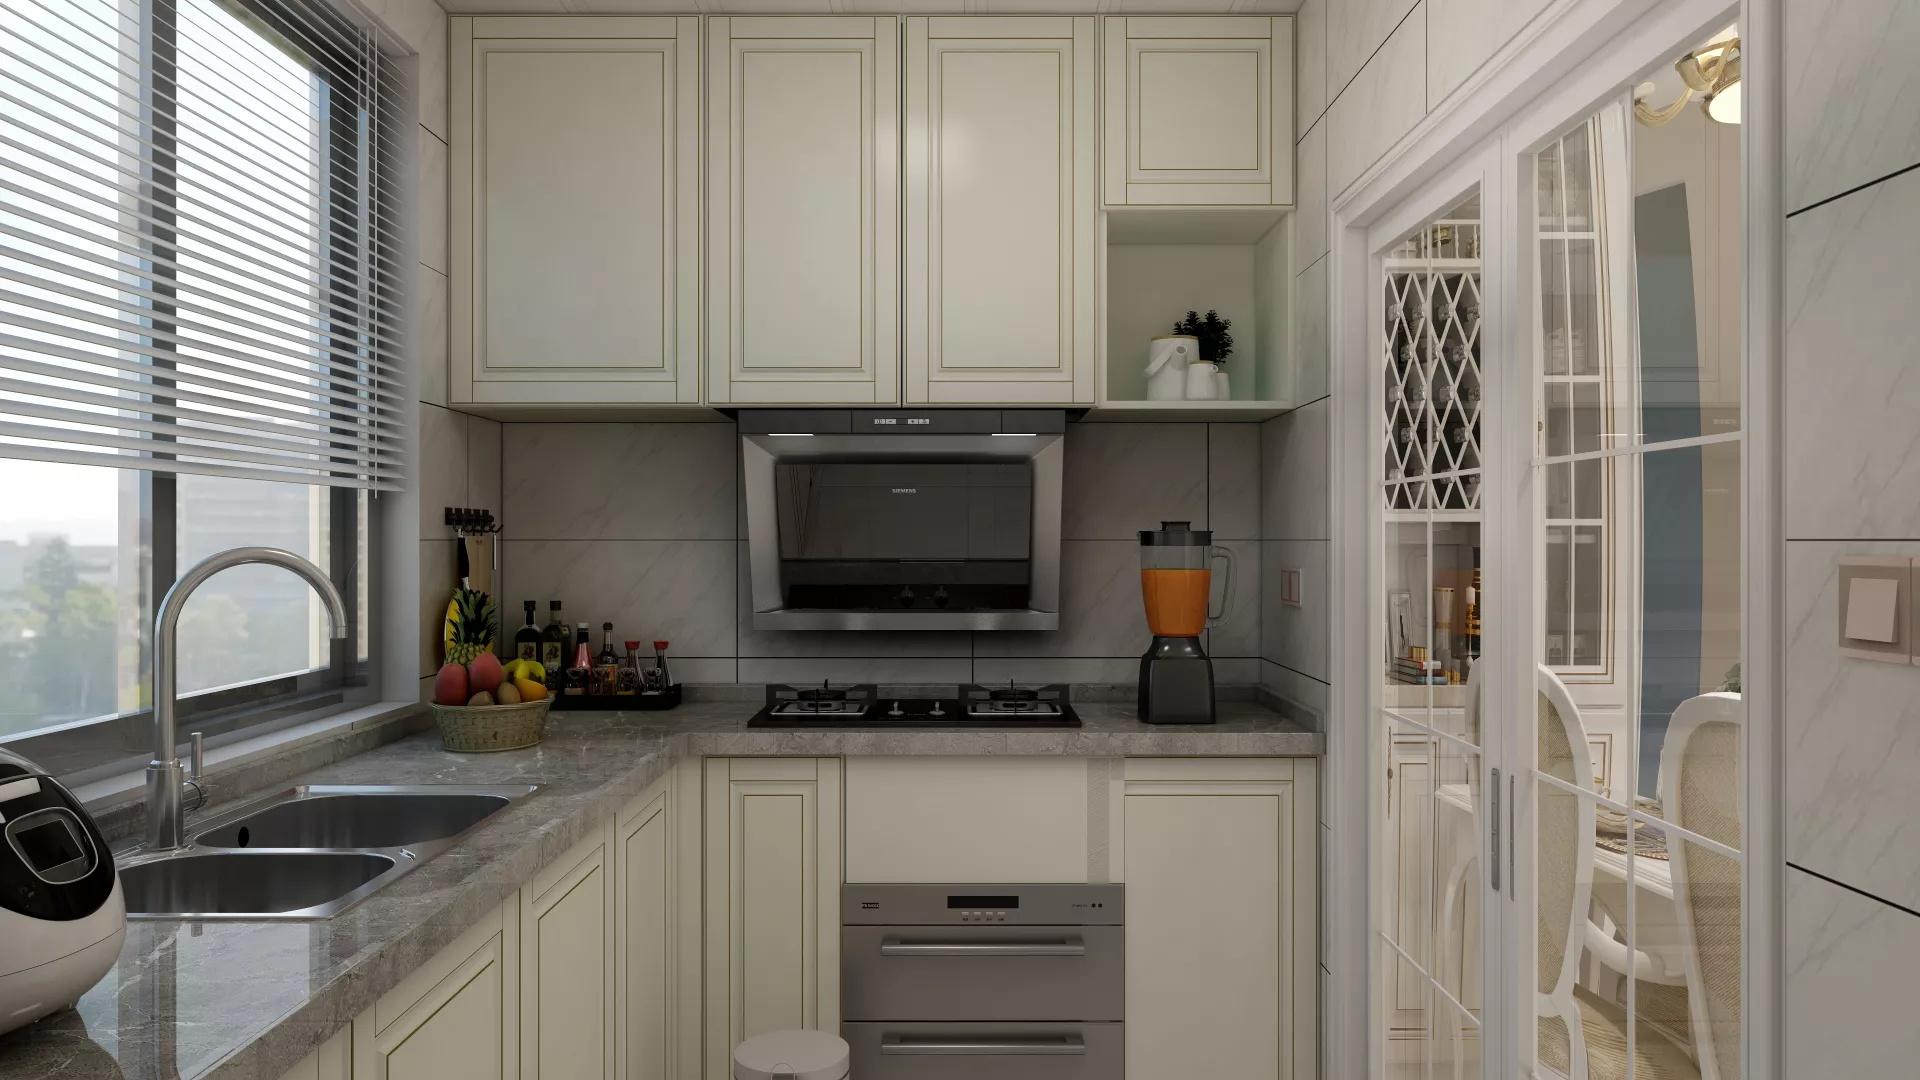 家里的玄关要怎么装修设计 玄关装修设计要点是什么